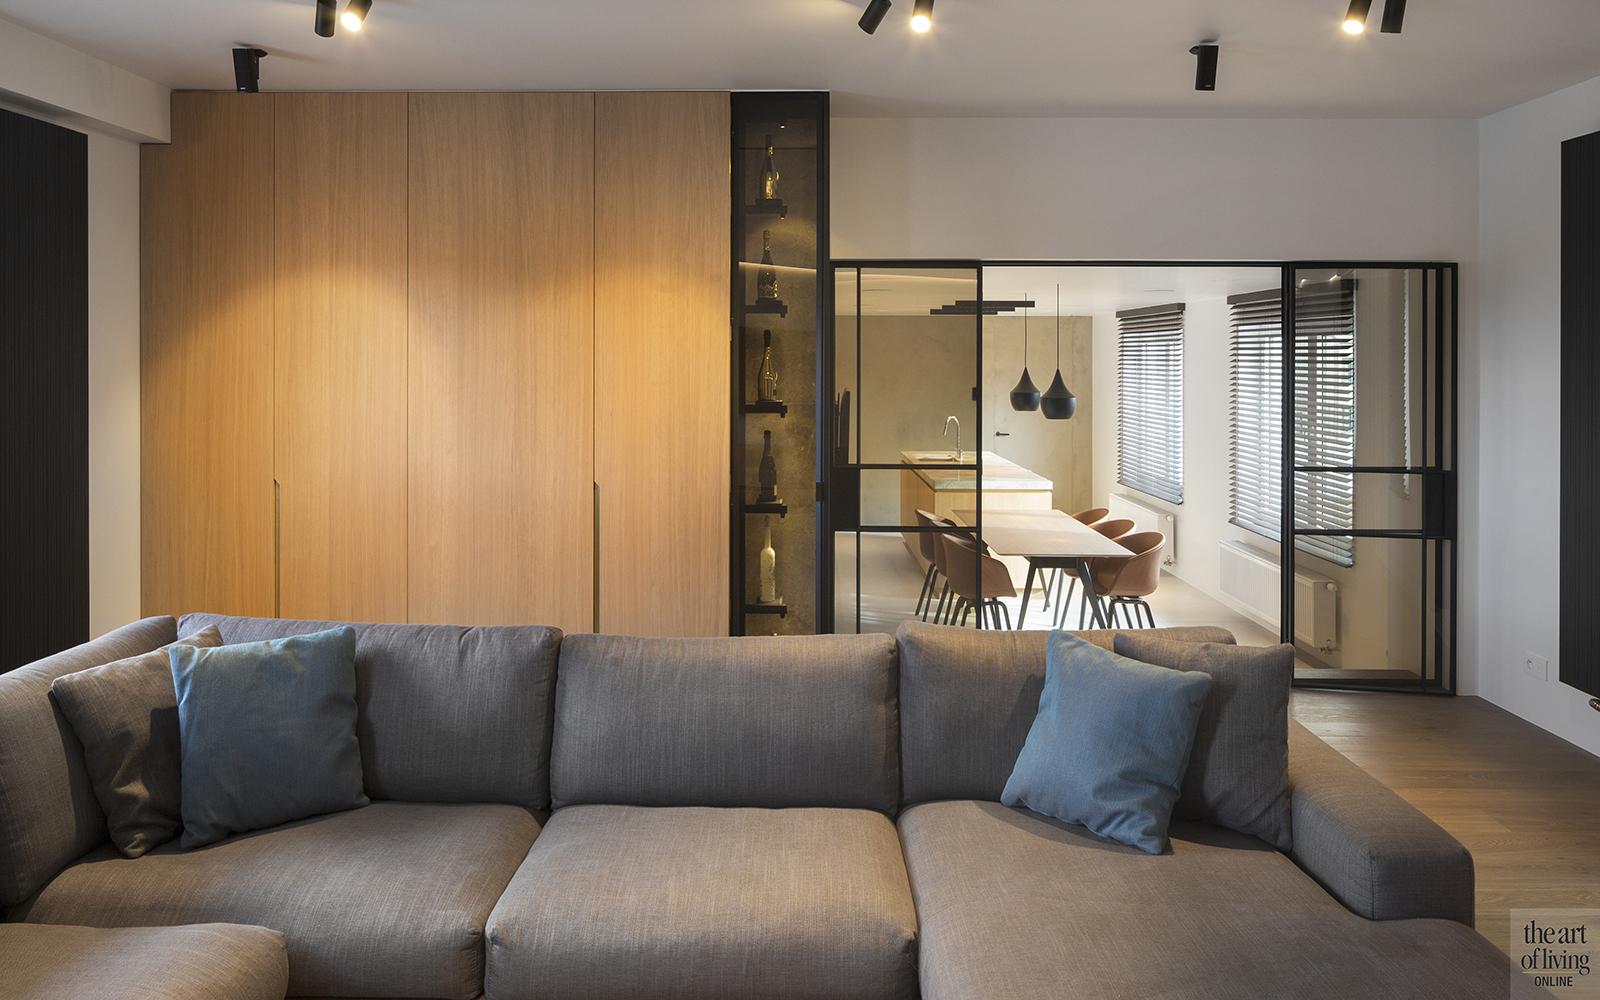 """Penthouse   TDesign Het penthouse met champagne meubel De interieurarchitect voert ook vergaande aanpassingen door in de bouwkundige indeling van een woning. """"Dat moesten we doen in een penthouse in het Waasland. Deze ruimte van om en bij de tweehon- derd vierkante meter woonruimte was zeer onlogisch ingedeeld in het verleden. We hebben gezorgd voor een nieuwe indeling, waarbij het geheel veel opener oogde en compartimenten als die van de slaapkamer en badkamer meer tot hun recht kwamen."""" Diagonale LED lijnen TDesigns zorgde voor een vervanging van de ouderwetse inrichting. Er werd gekozen voor een keur aan natuurlijke materialen, zoals eik neer, Fior Di Bosco marmer, tadelakt en zwart gecoat staal. """"Een stalen deur mét glas geeft een veel mooier effect dan een puur glazen deur"""", legt Seppe Teunen uit. """"Sommige overgangen moet je laten zien, andere moet je juist wegwerken, zoals die voor audio en luchtaanvoer."""" Net als in de modelwoning is de gang meer geworden dan zomaar een corridor die van de ene set kamers naar de andere voert: het is een beleefruimte. LED licht is kunstig weggewerkt in de wanden in de vorm van diagonale lijnen. Dit is een goed voorbeeld van het soort uitdagingen waar TDesigns zijn partners voor plaatst, want de impact van het lichteffect staat of valt met de kwaliteit van de naadloze afwerking. Veel installateurs zouden feestelijk hebben bedankt voor de moeilijkheidsgraad, maar Gepae nam de handschoen op en bracht de opdracht tot een goed einde. Champagnemeubel """"Dit penthouse had een hele tijd leeggestaan en de opdrachtgever twijfelde aanvankelijk erg over mijn plannen met nieuwe indeling, maar gaf me uiteindelijk carte blanche. Ik heb dat vertrouwen niet beschaamd"""", stelt Seppe Teunen. Uit het bevragen naar het leefpatroon kwam als één van de antwoorden naar voren dat de eigenaar een echte liefhebber van de betere champagne is. Een plek in huis om in ieder geval een aantal van die flessen te bewaren en te tonen was welkom. """"We hebben daarop ee"""